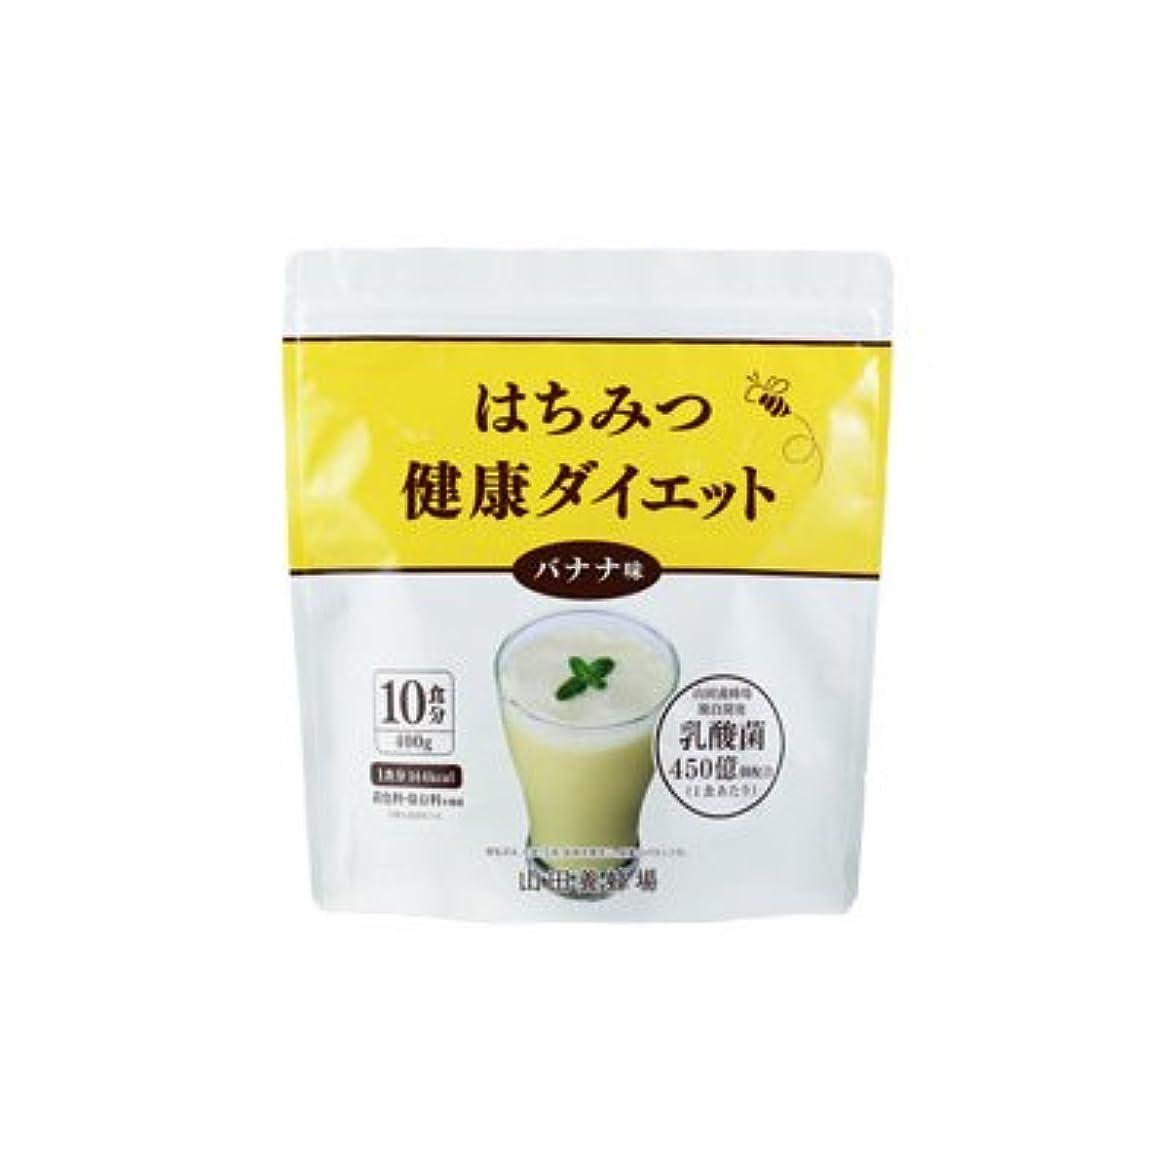 ちなみに幸福シャークはちみつ健康ダイエット 【バナナ味】400g(10食分)